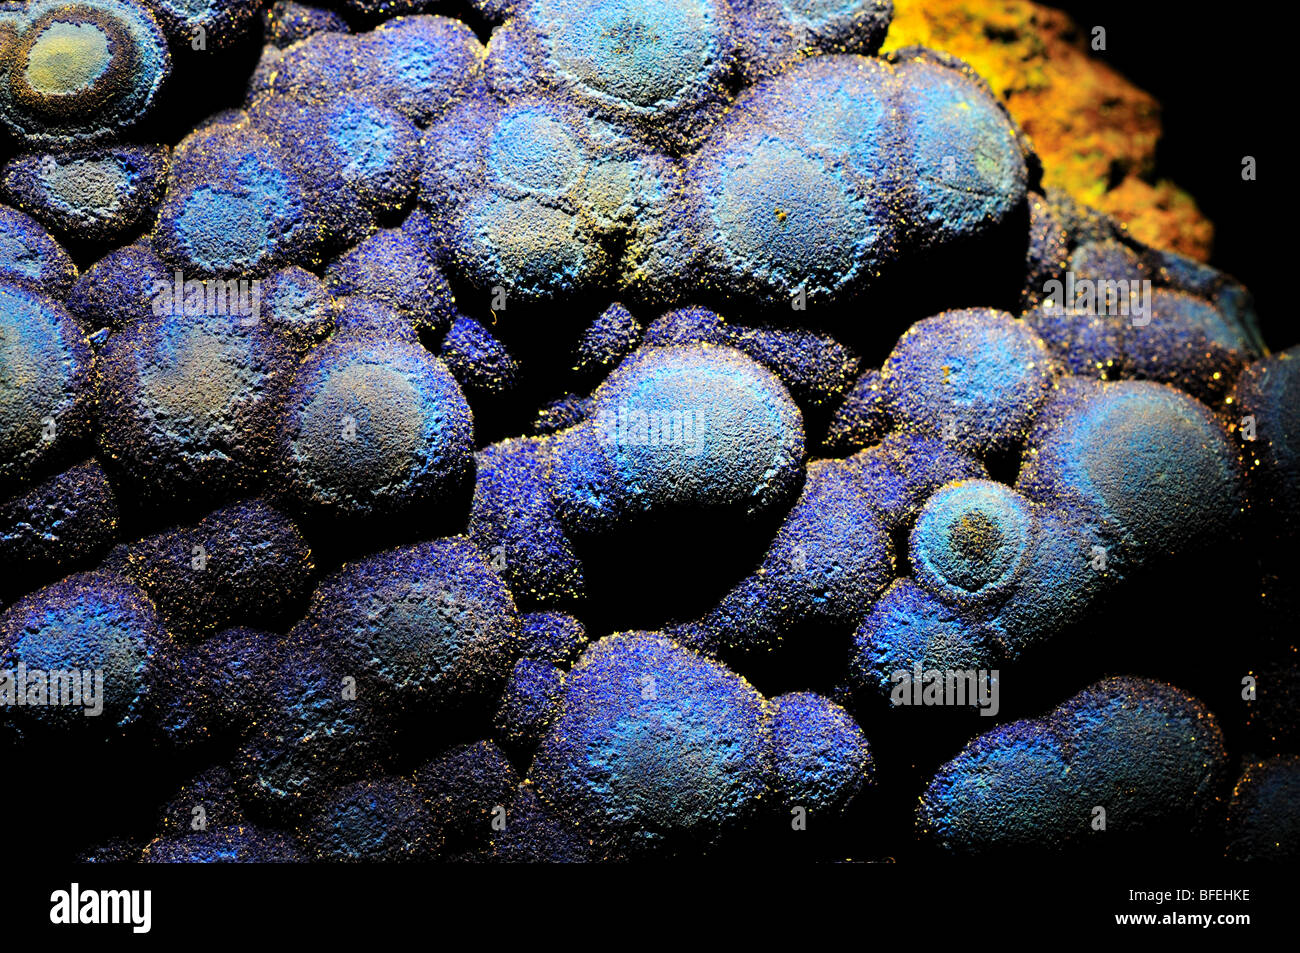 Azurite, copper carbonate. - Stock Image